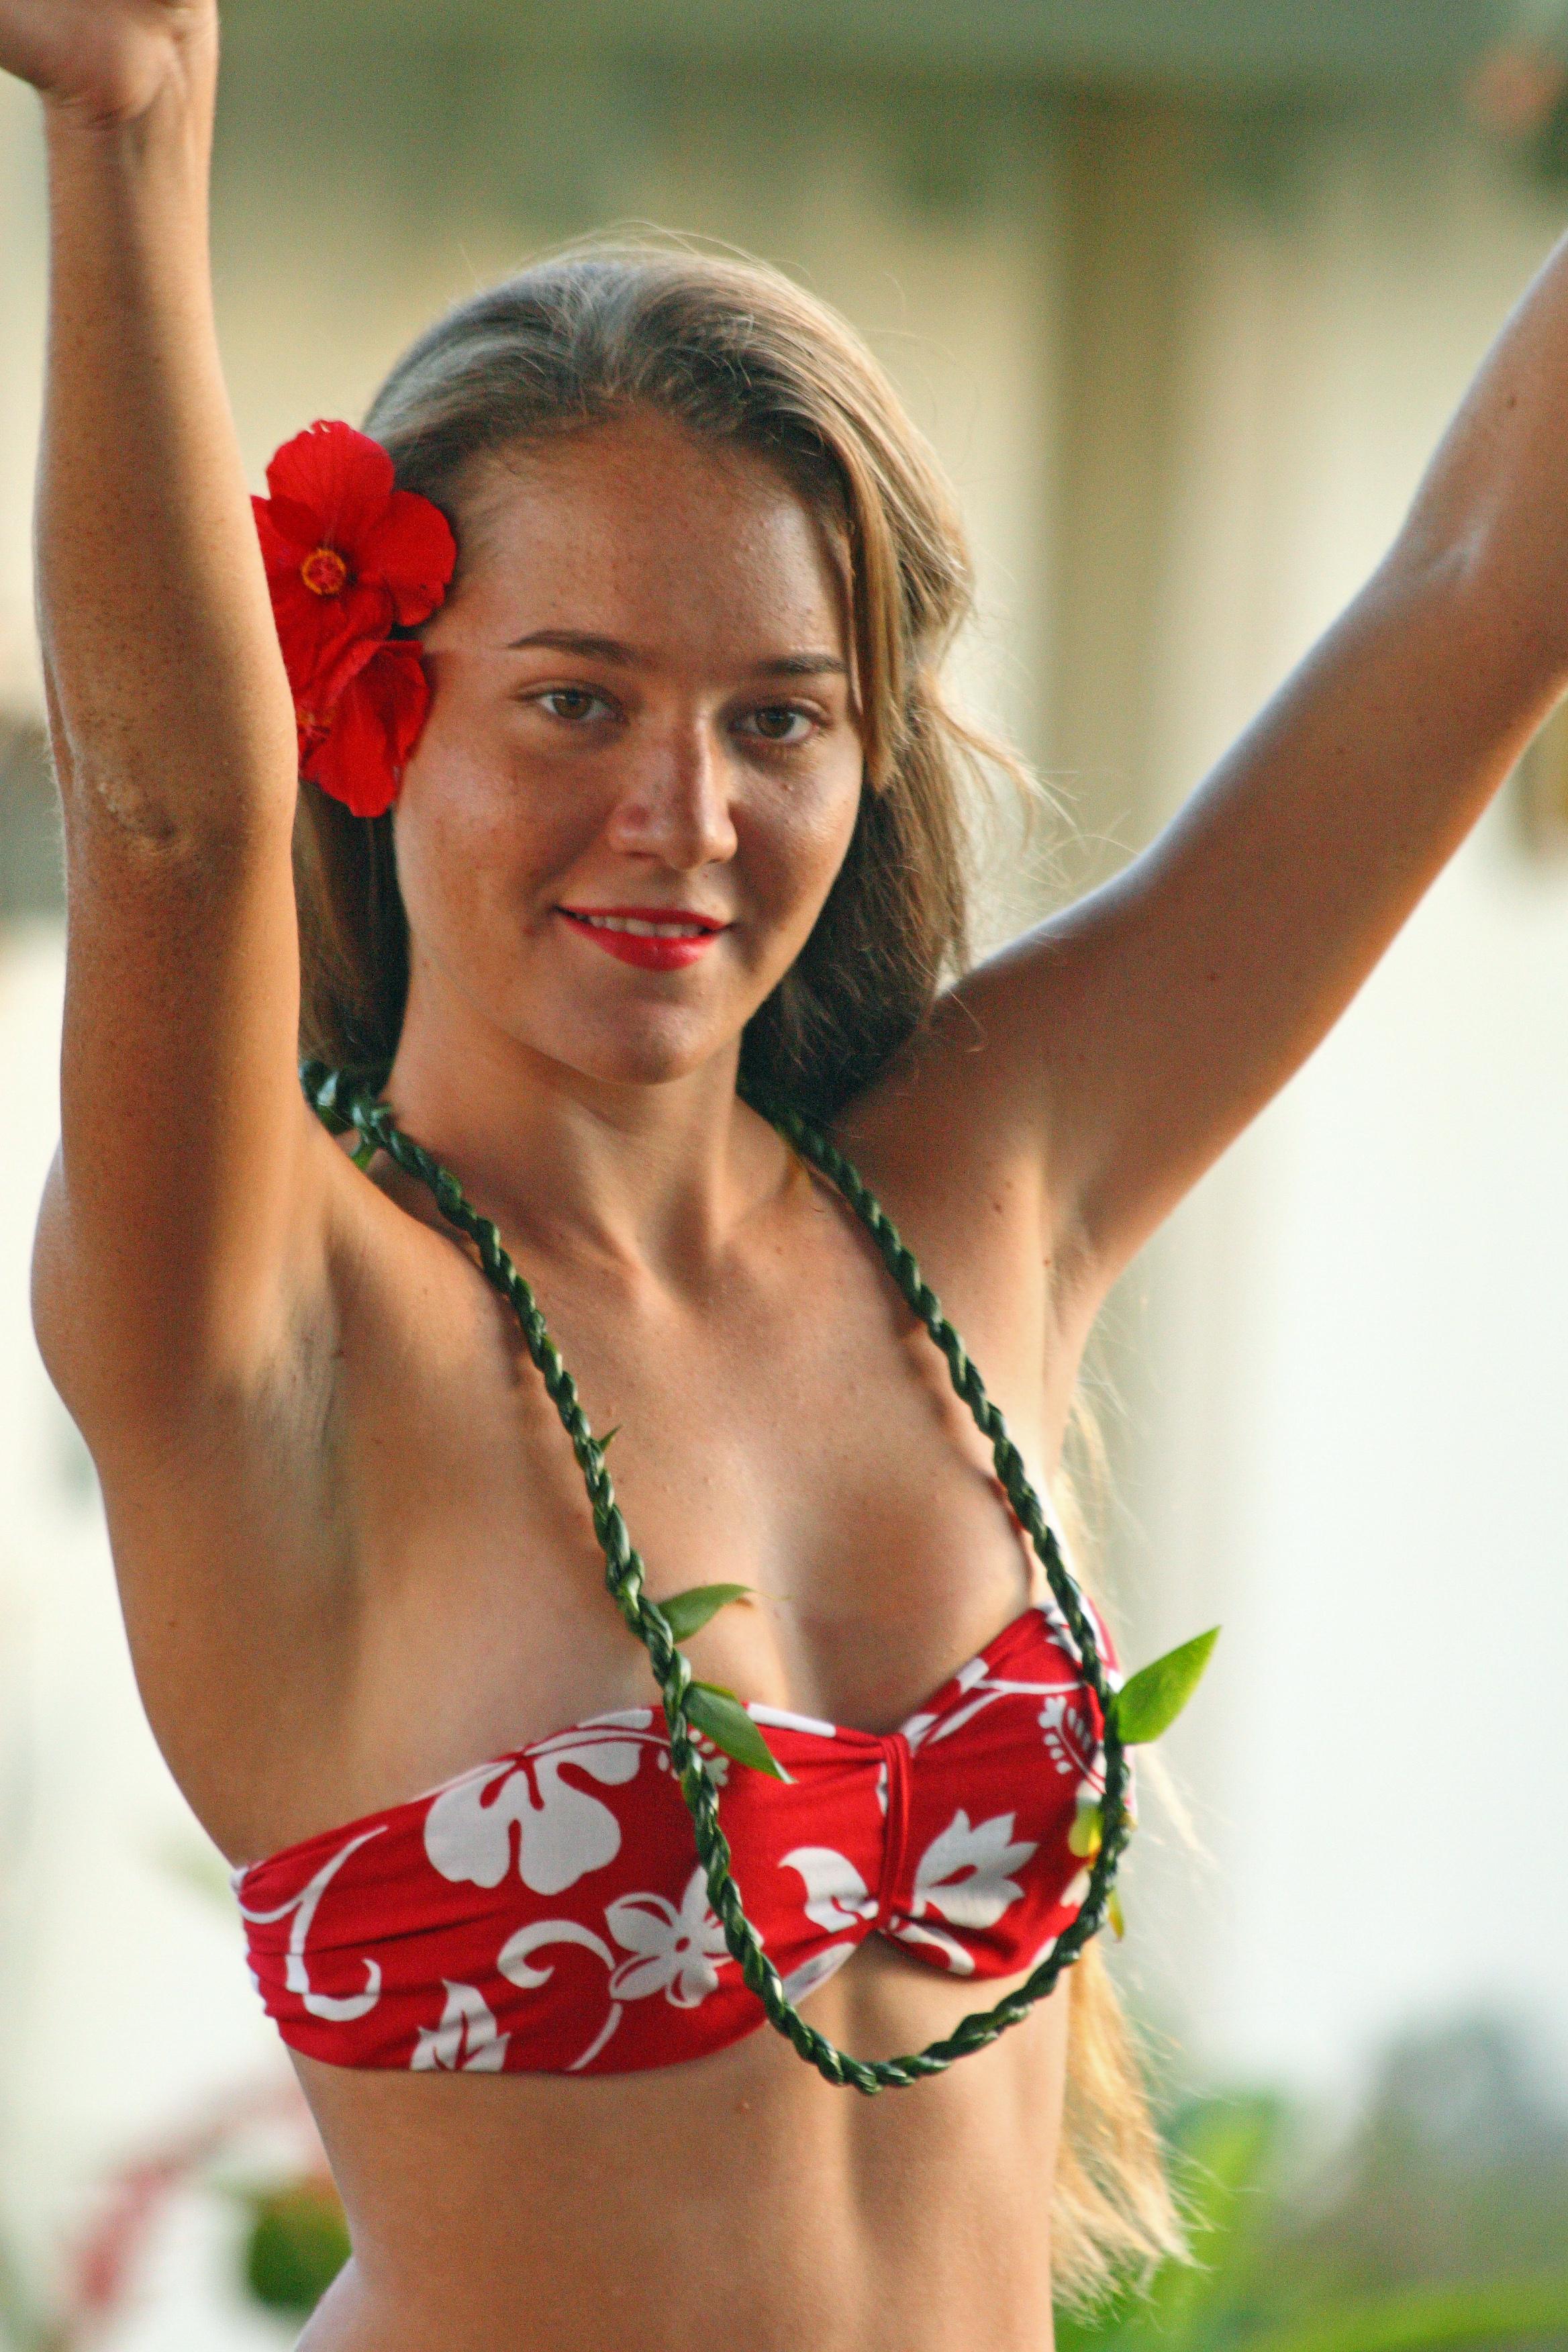 kauai girl